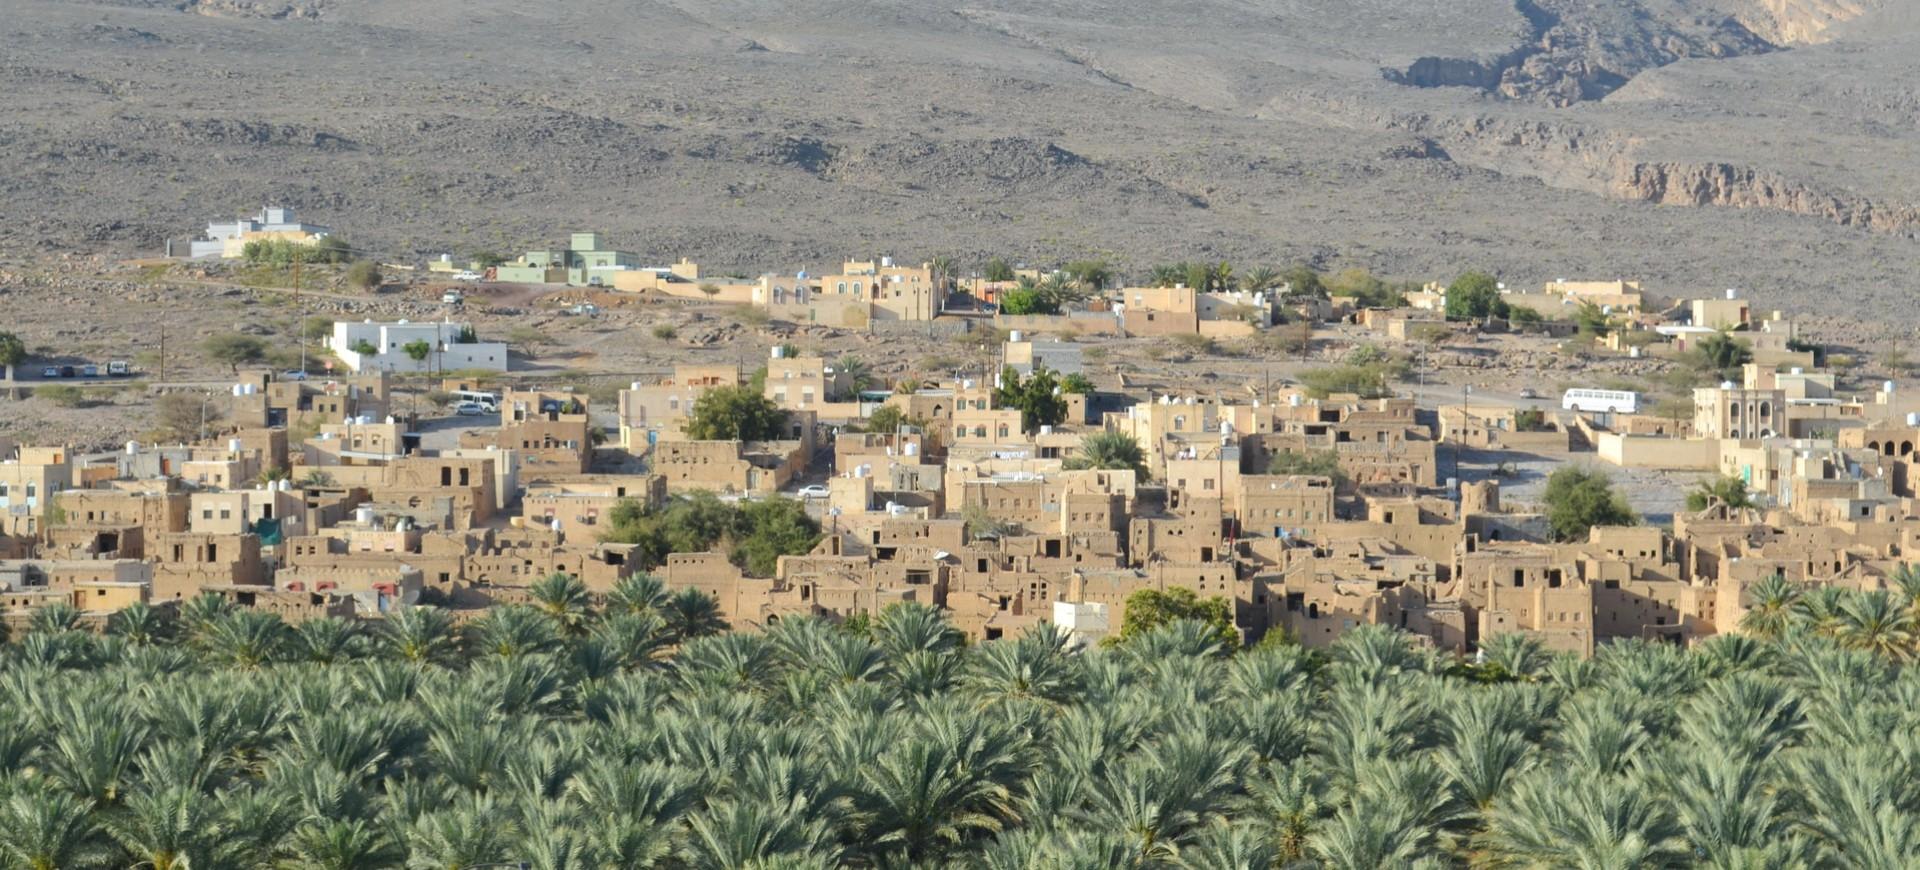 Oman Paysages du Djebel Akhdar